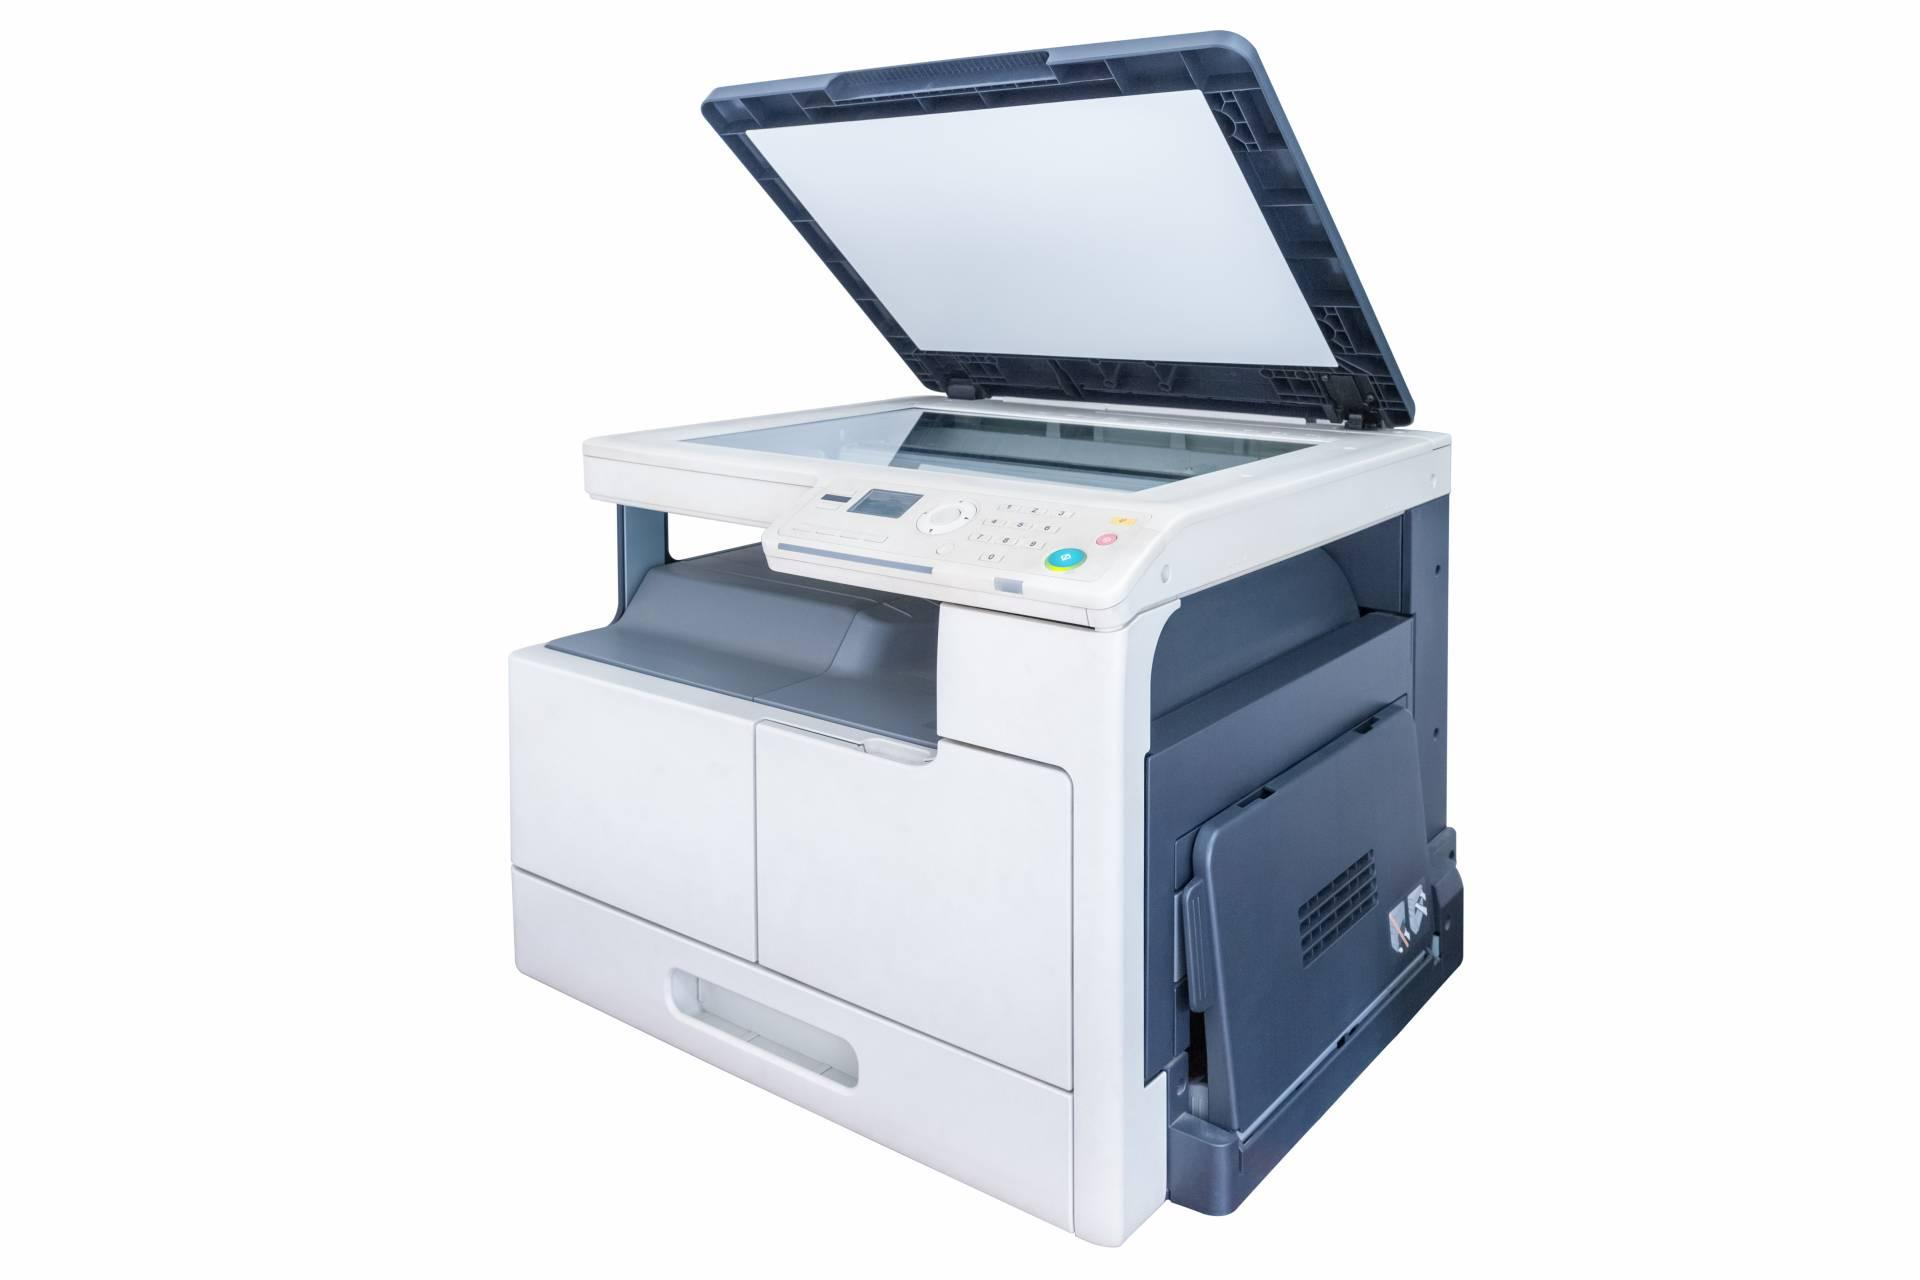 Kako zmanjšati stroške fotokopiranja?